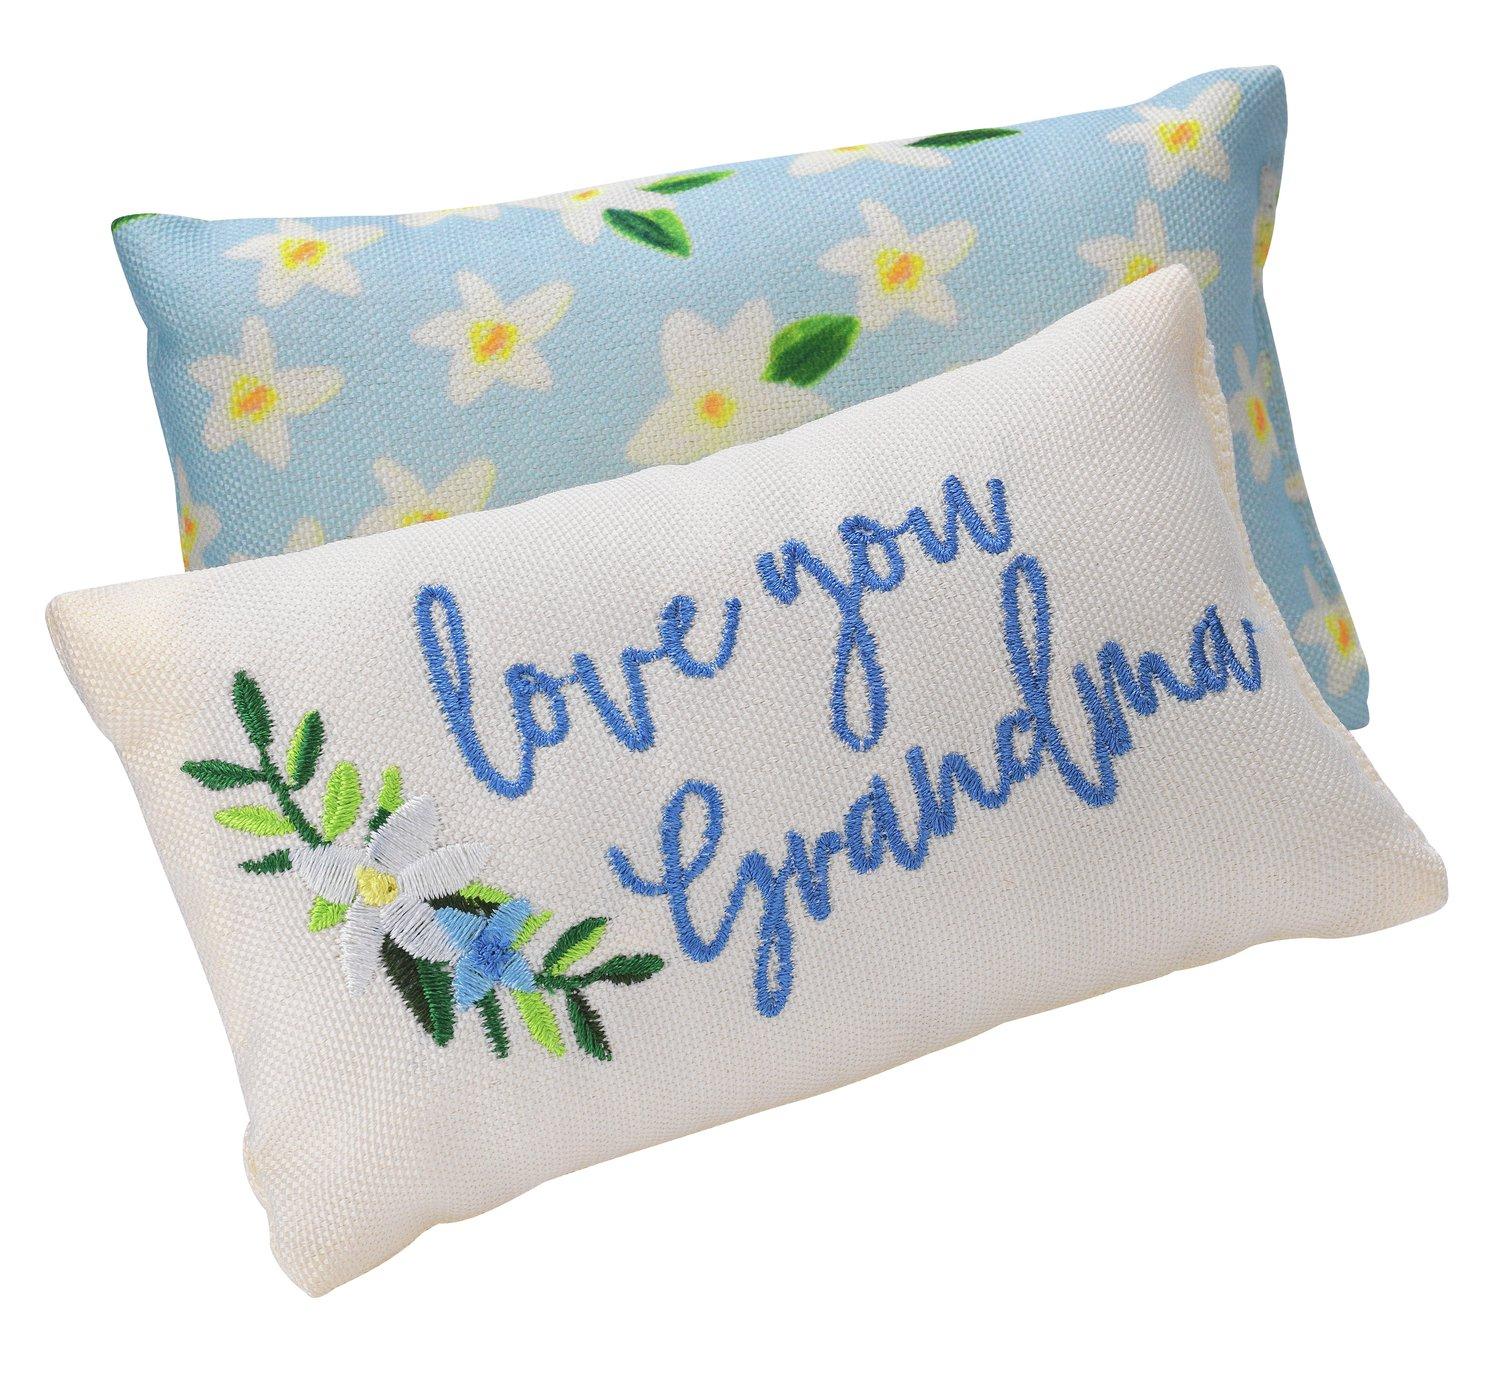 I Love Grandma cushion 45p @ Argos.